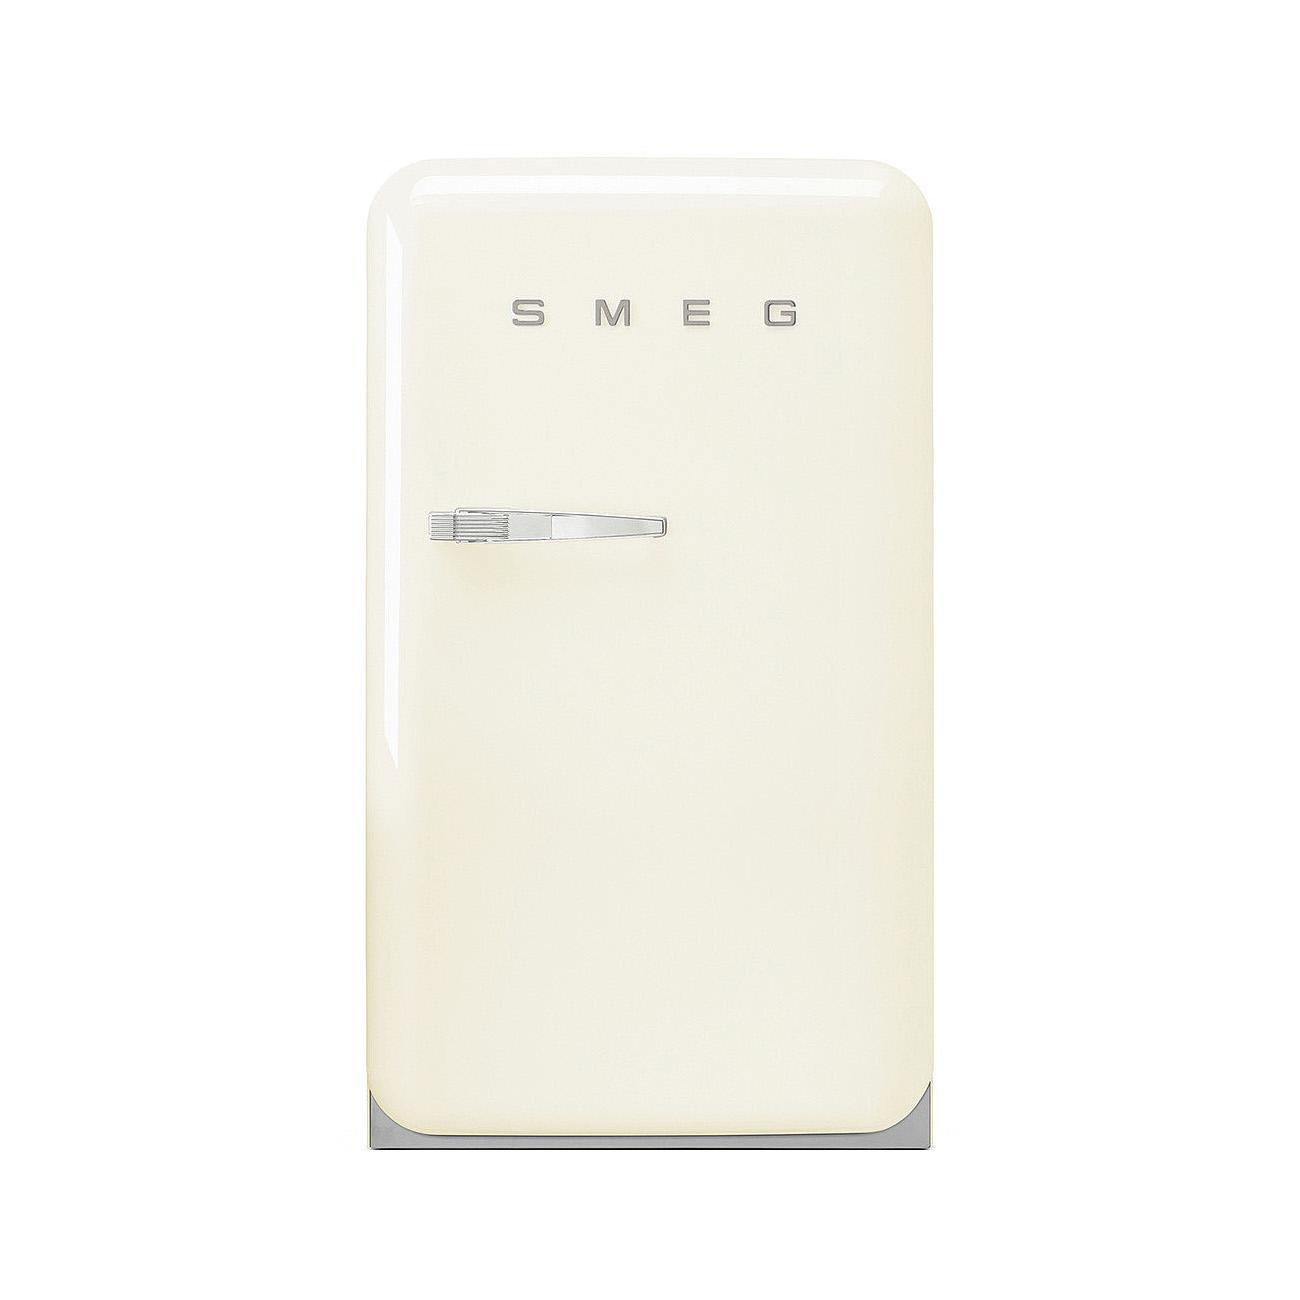 Smeg - FAB10H Standkühlschrank Happy Homebar - creme/lackiert/Rechtsanschlag | Küche und Esszimmer > Küchenelektrogeräte > Kühlschränke | Creme | Metall| kunststoff | Smeg